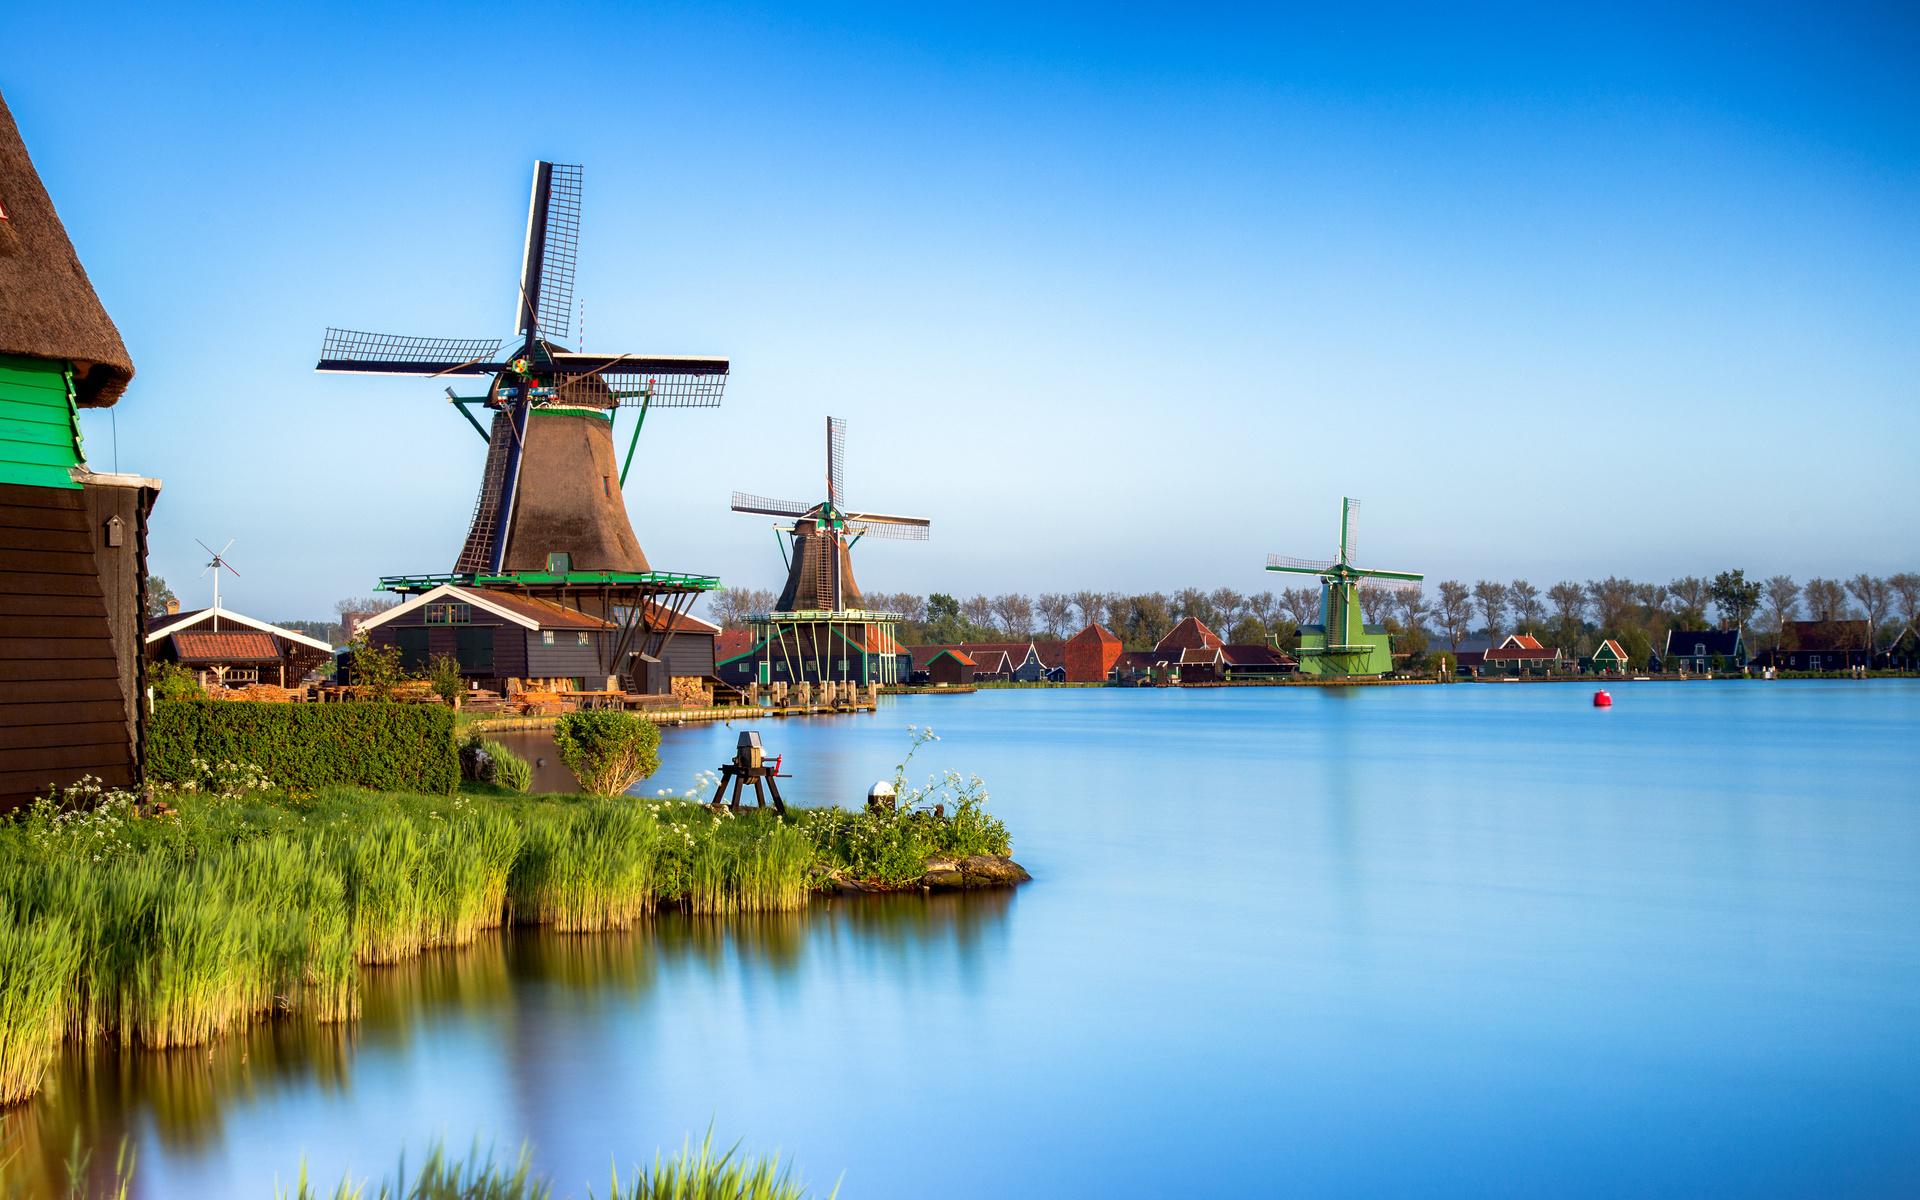 нидерланды, zaanse schans, zaandam, водный канал, мельница, природа